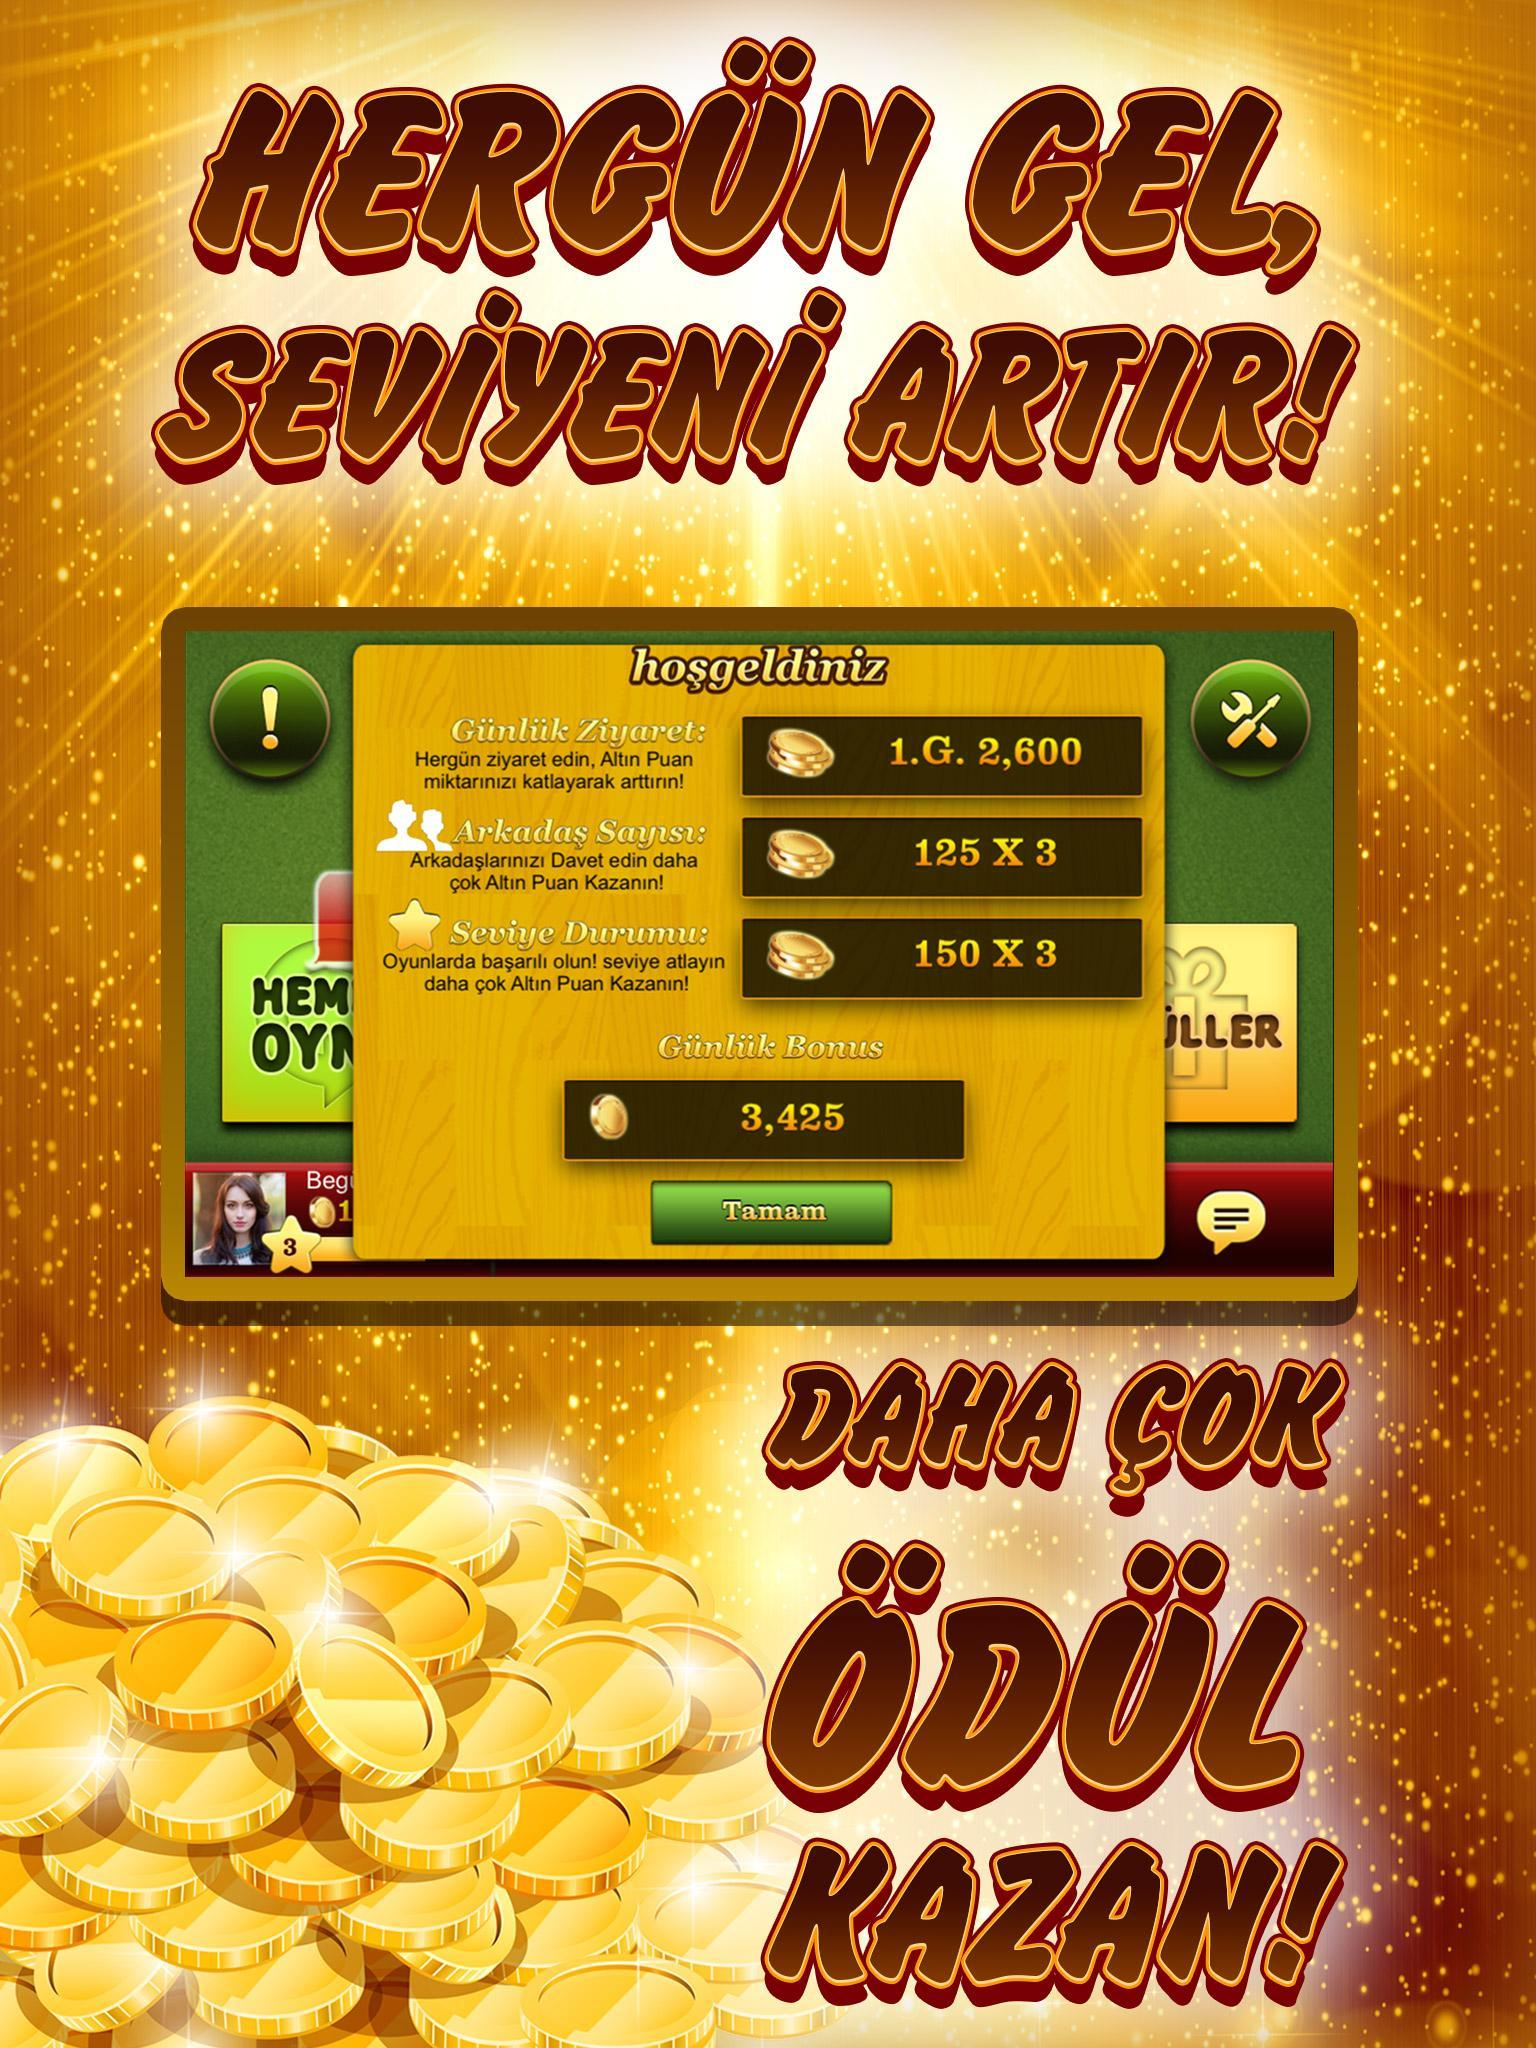 Okey Online Spielen